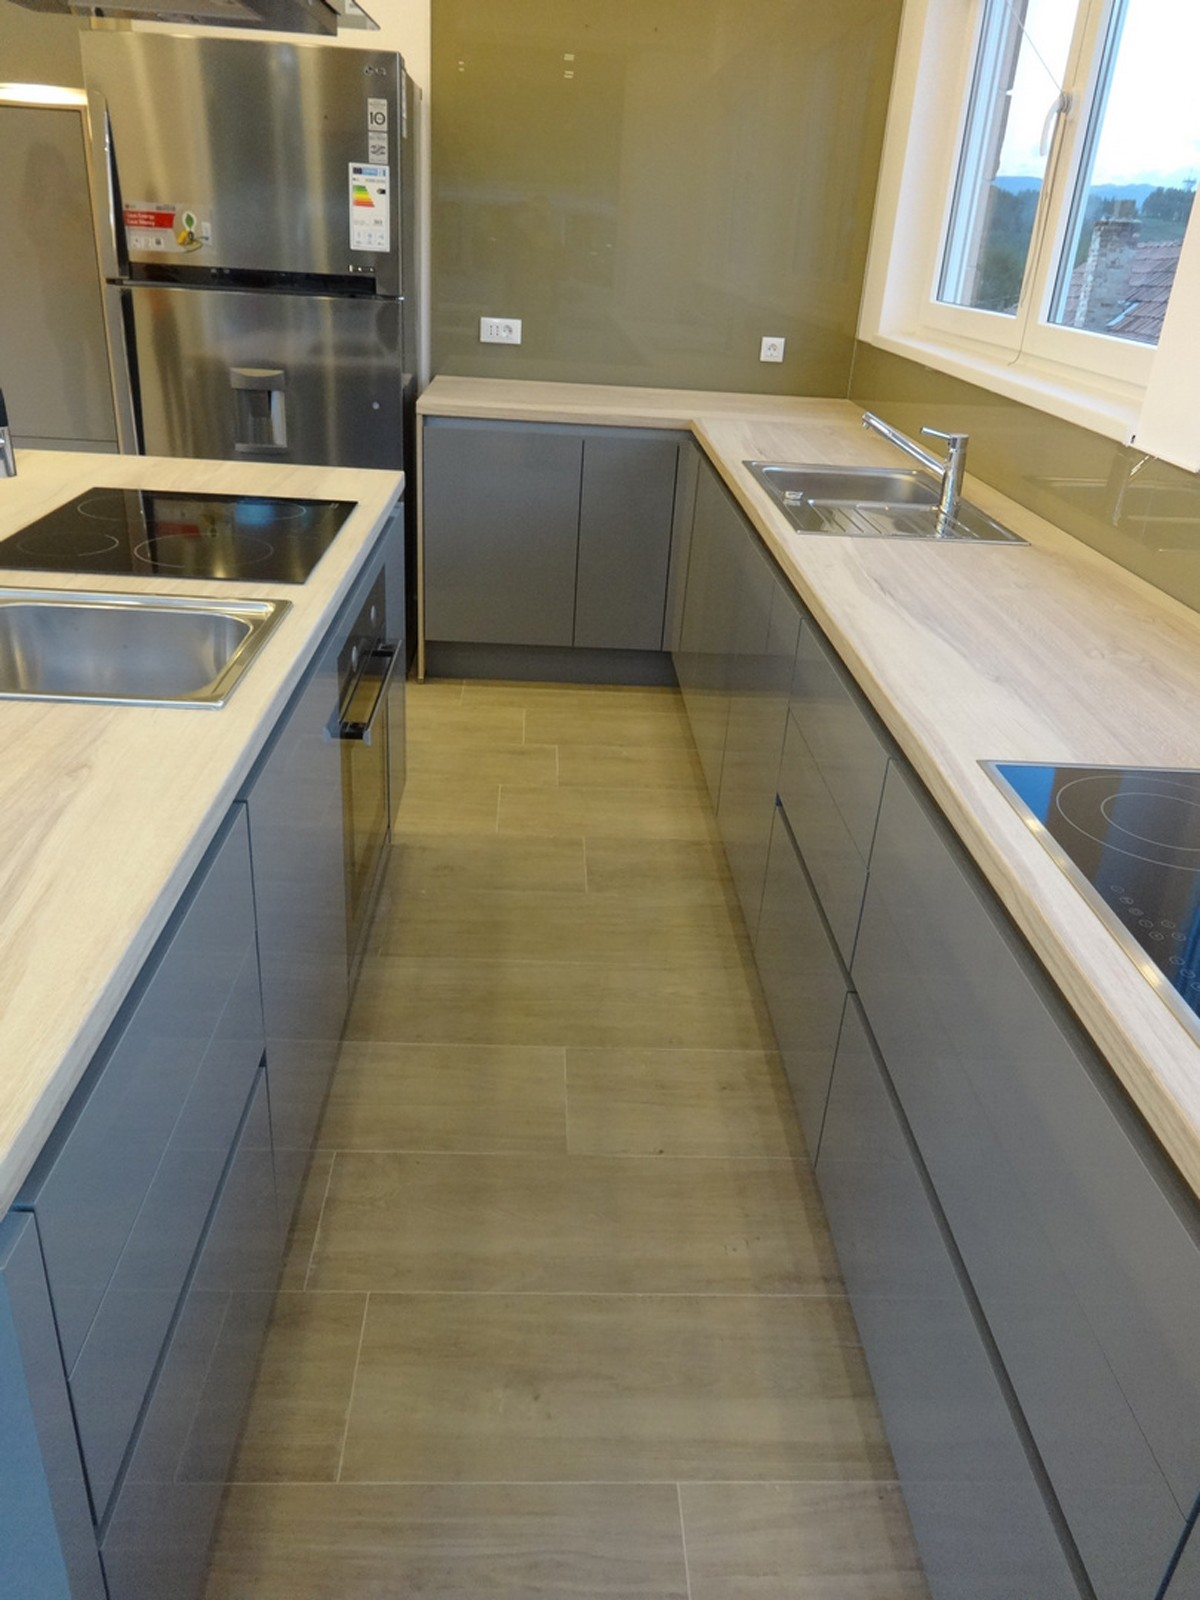 Referință - Bucătărie modernă Nobilia Focus - Gri mineral / Stejar Plank